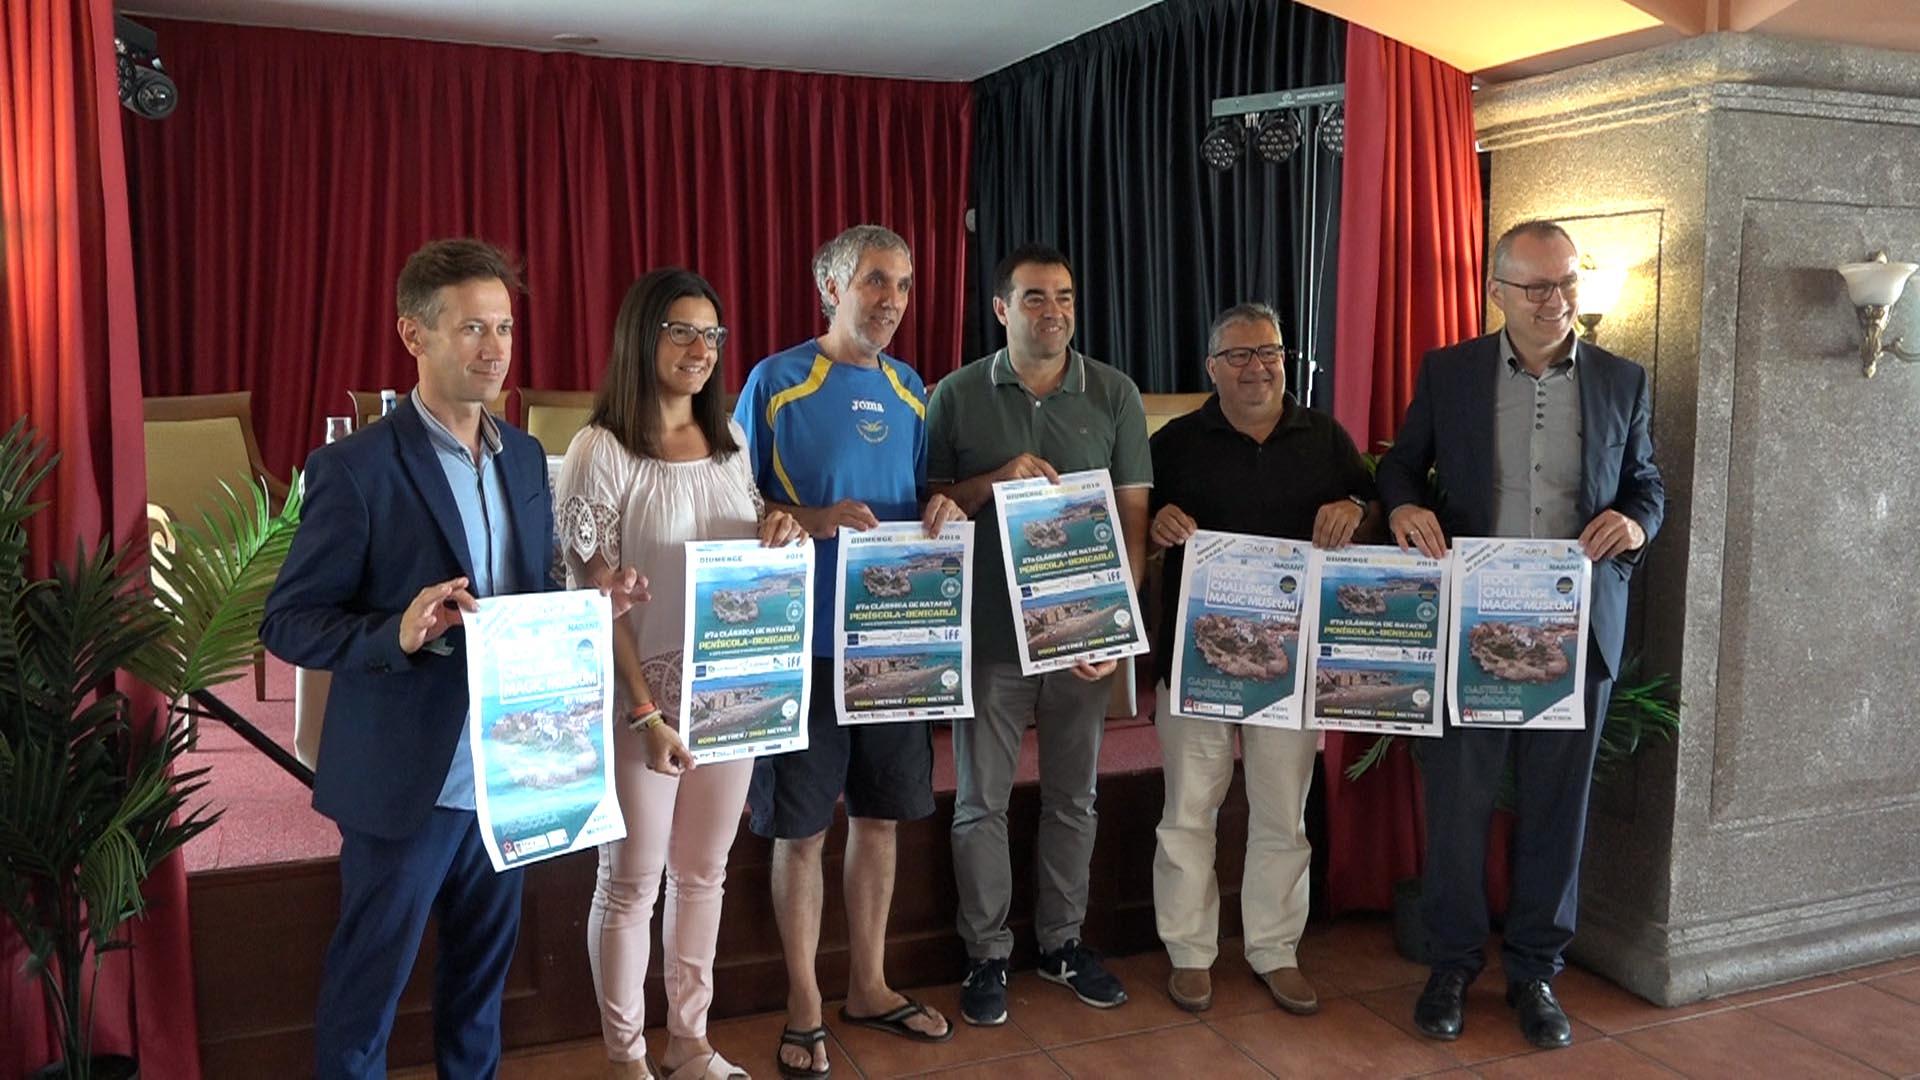 Peníscola, diumenge 28 de juliol es disputarà la 27a Travessia Peníscola - Benicarló